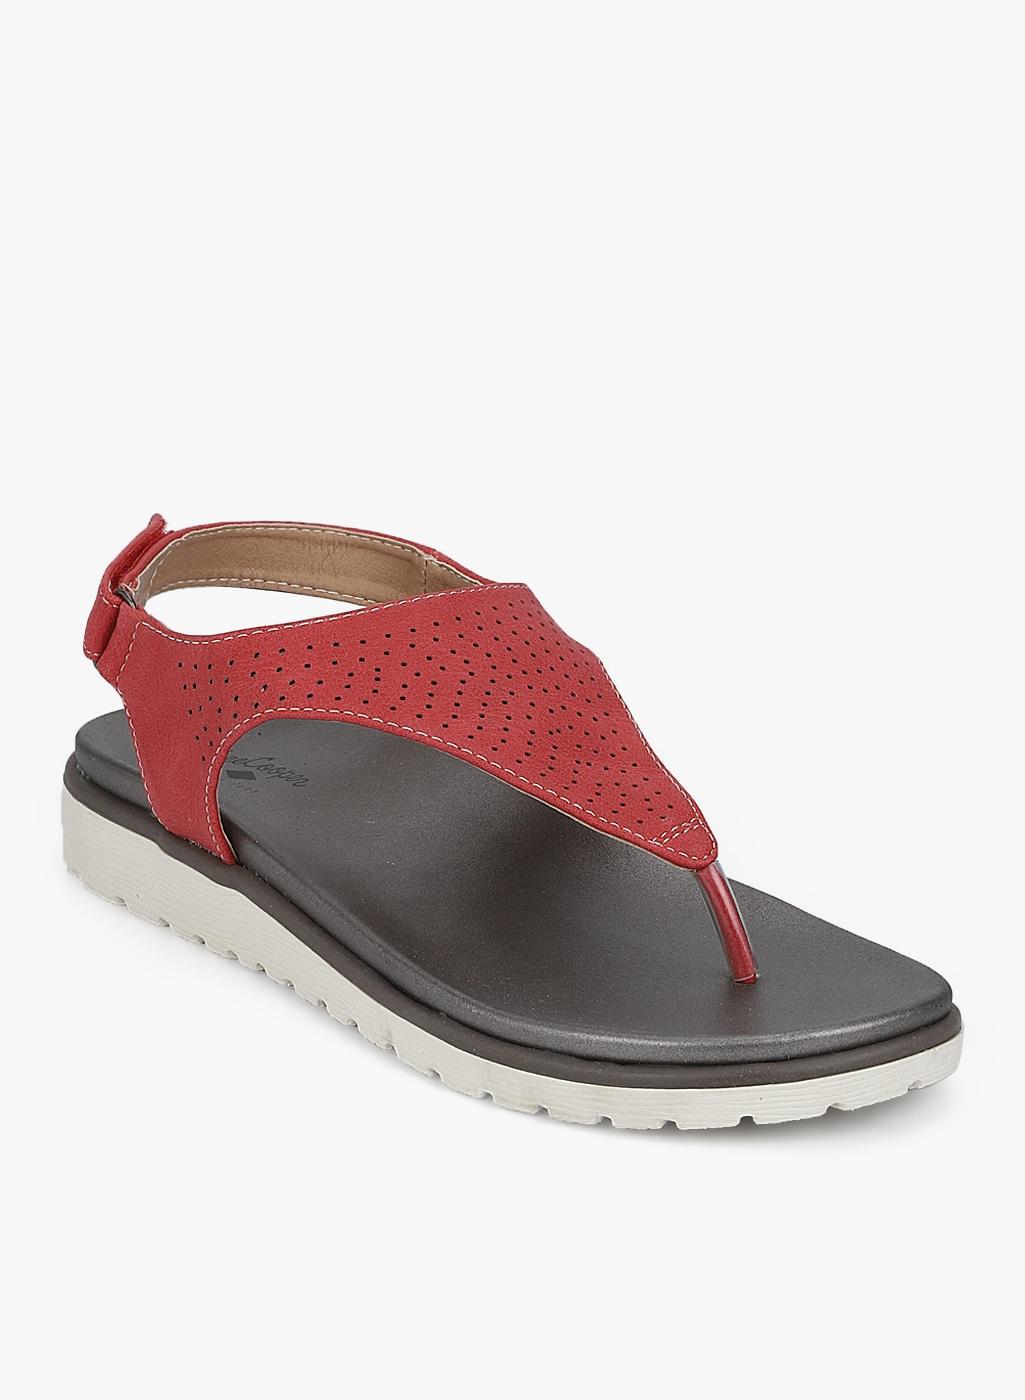 dff90a91382 Women Footwear - Buy Footwear for Women   Girls Online